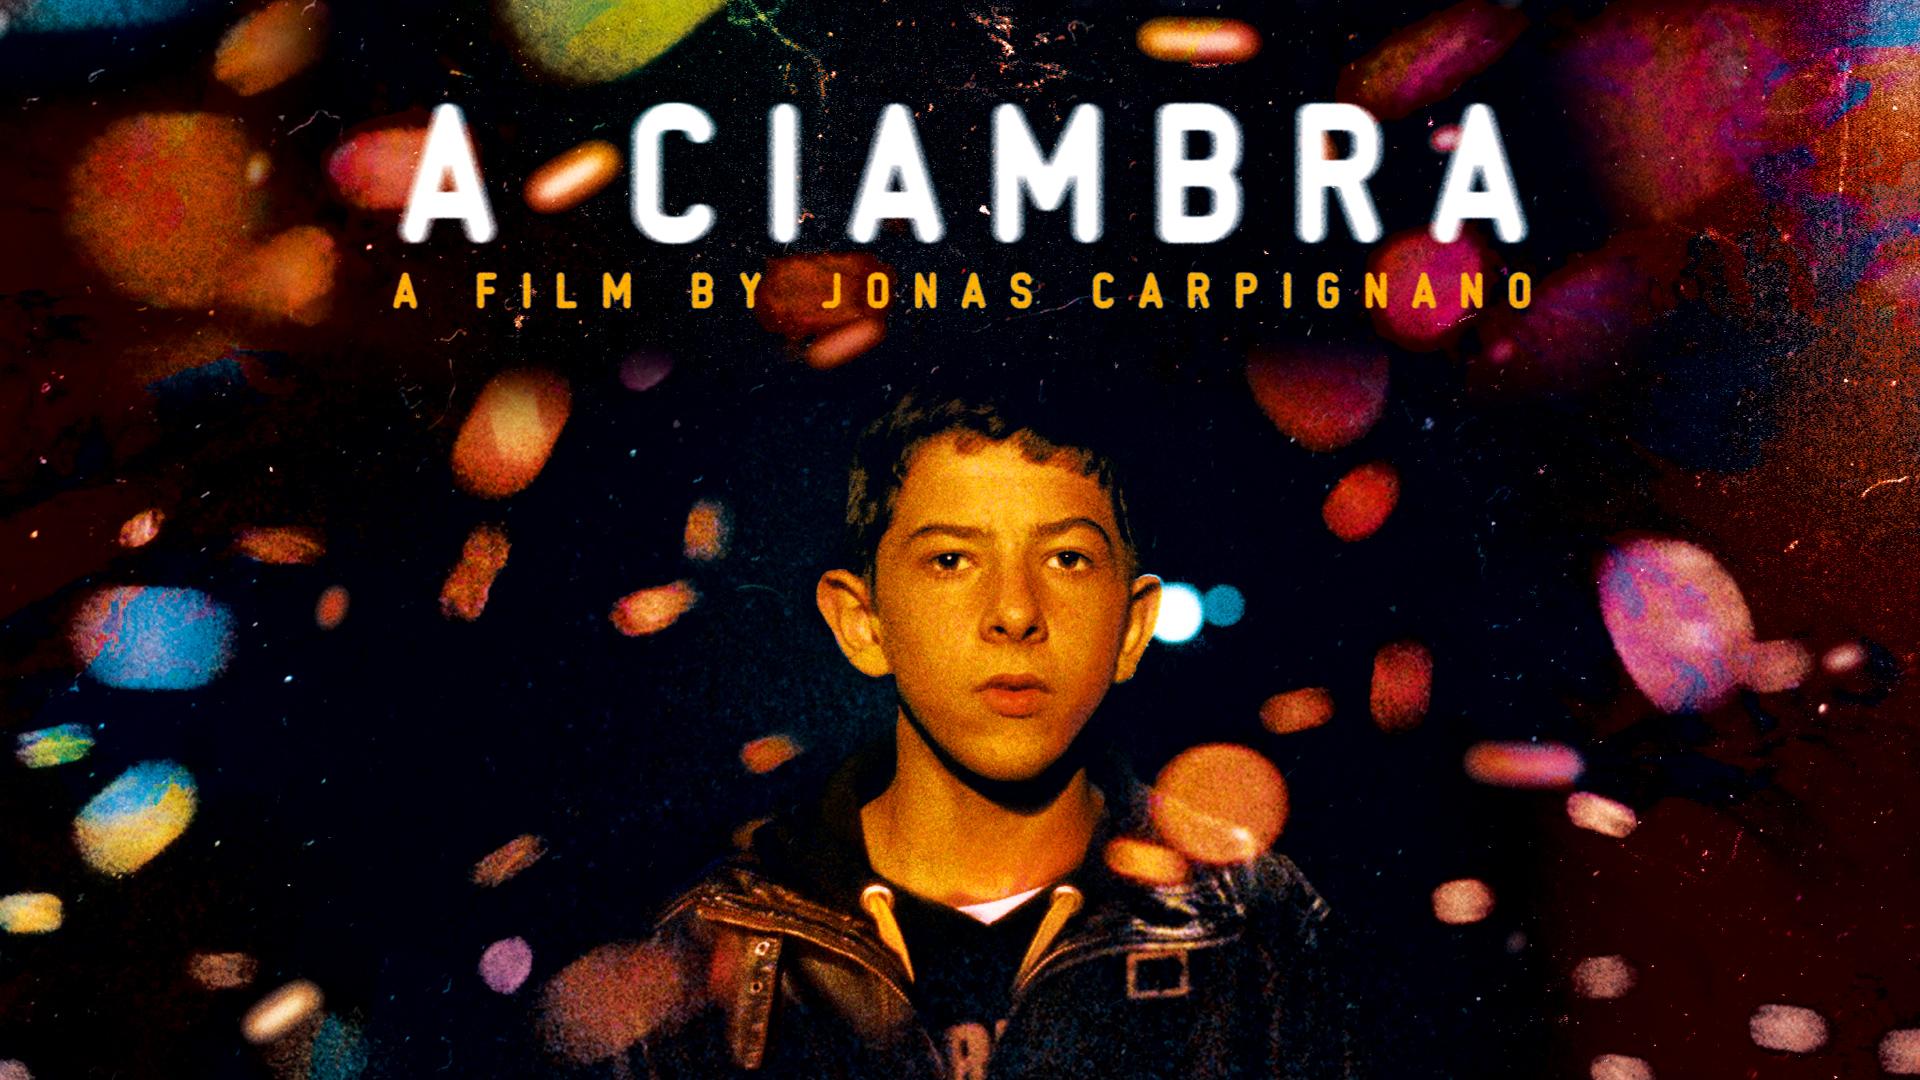 A CIAMBRA